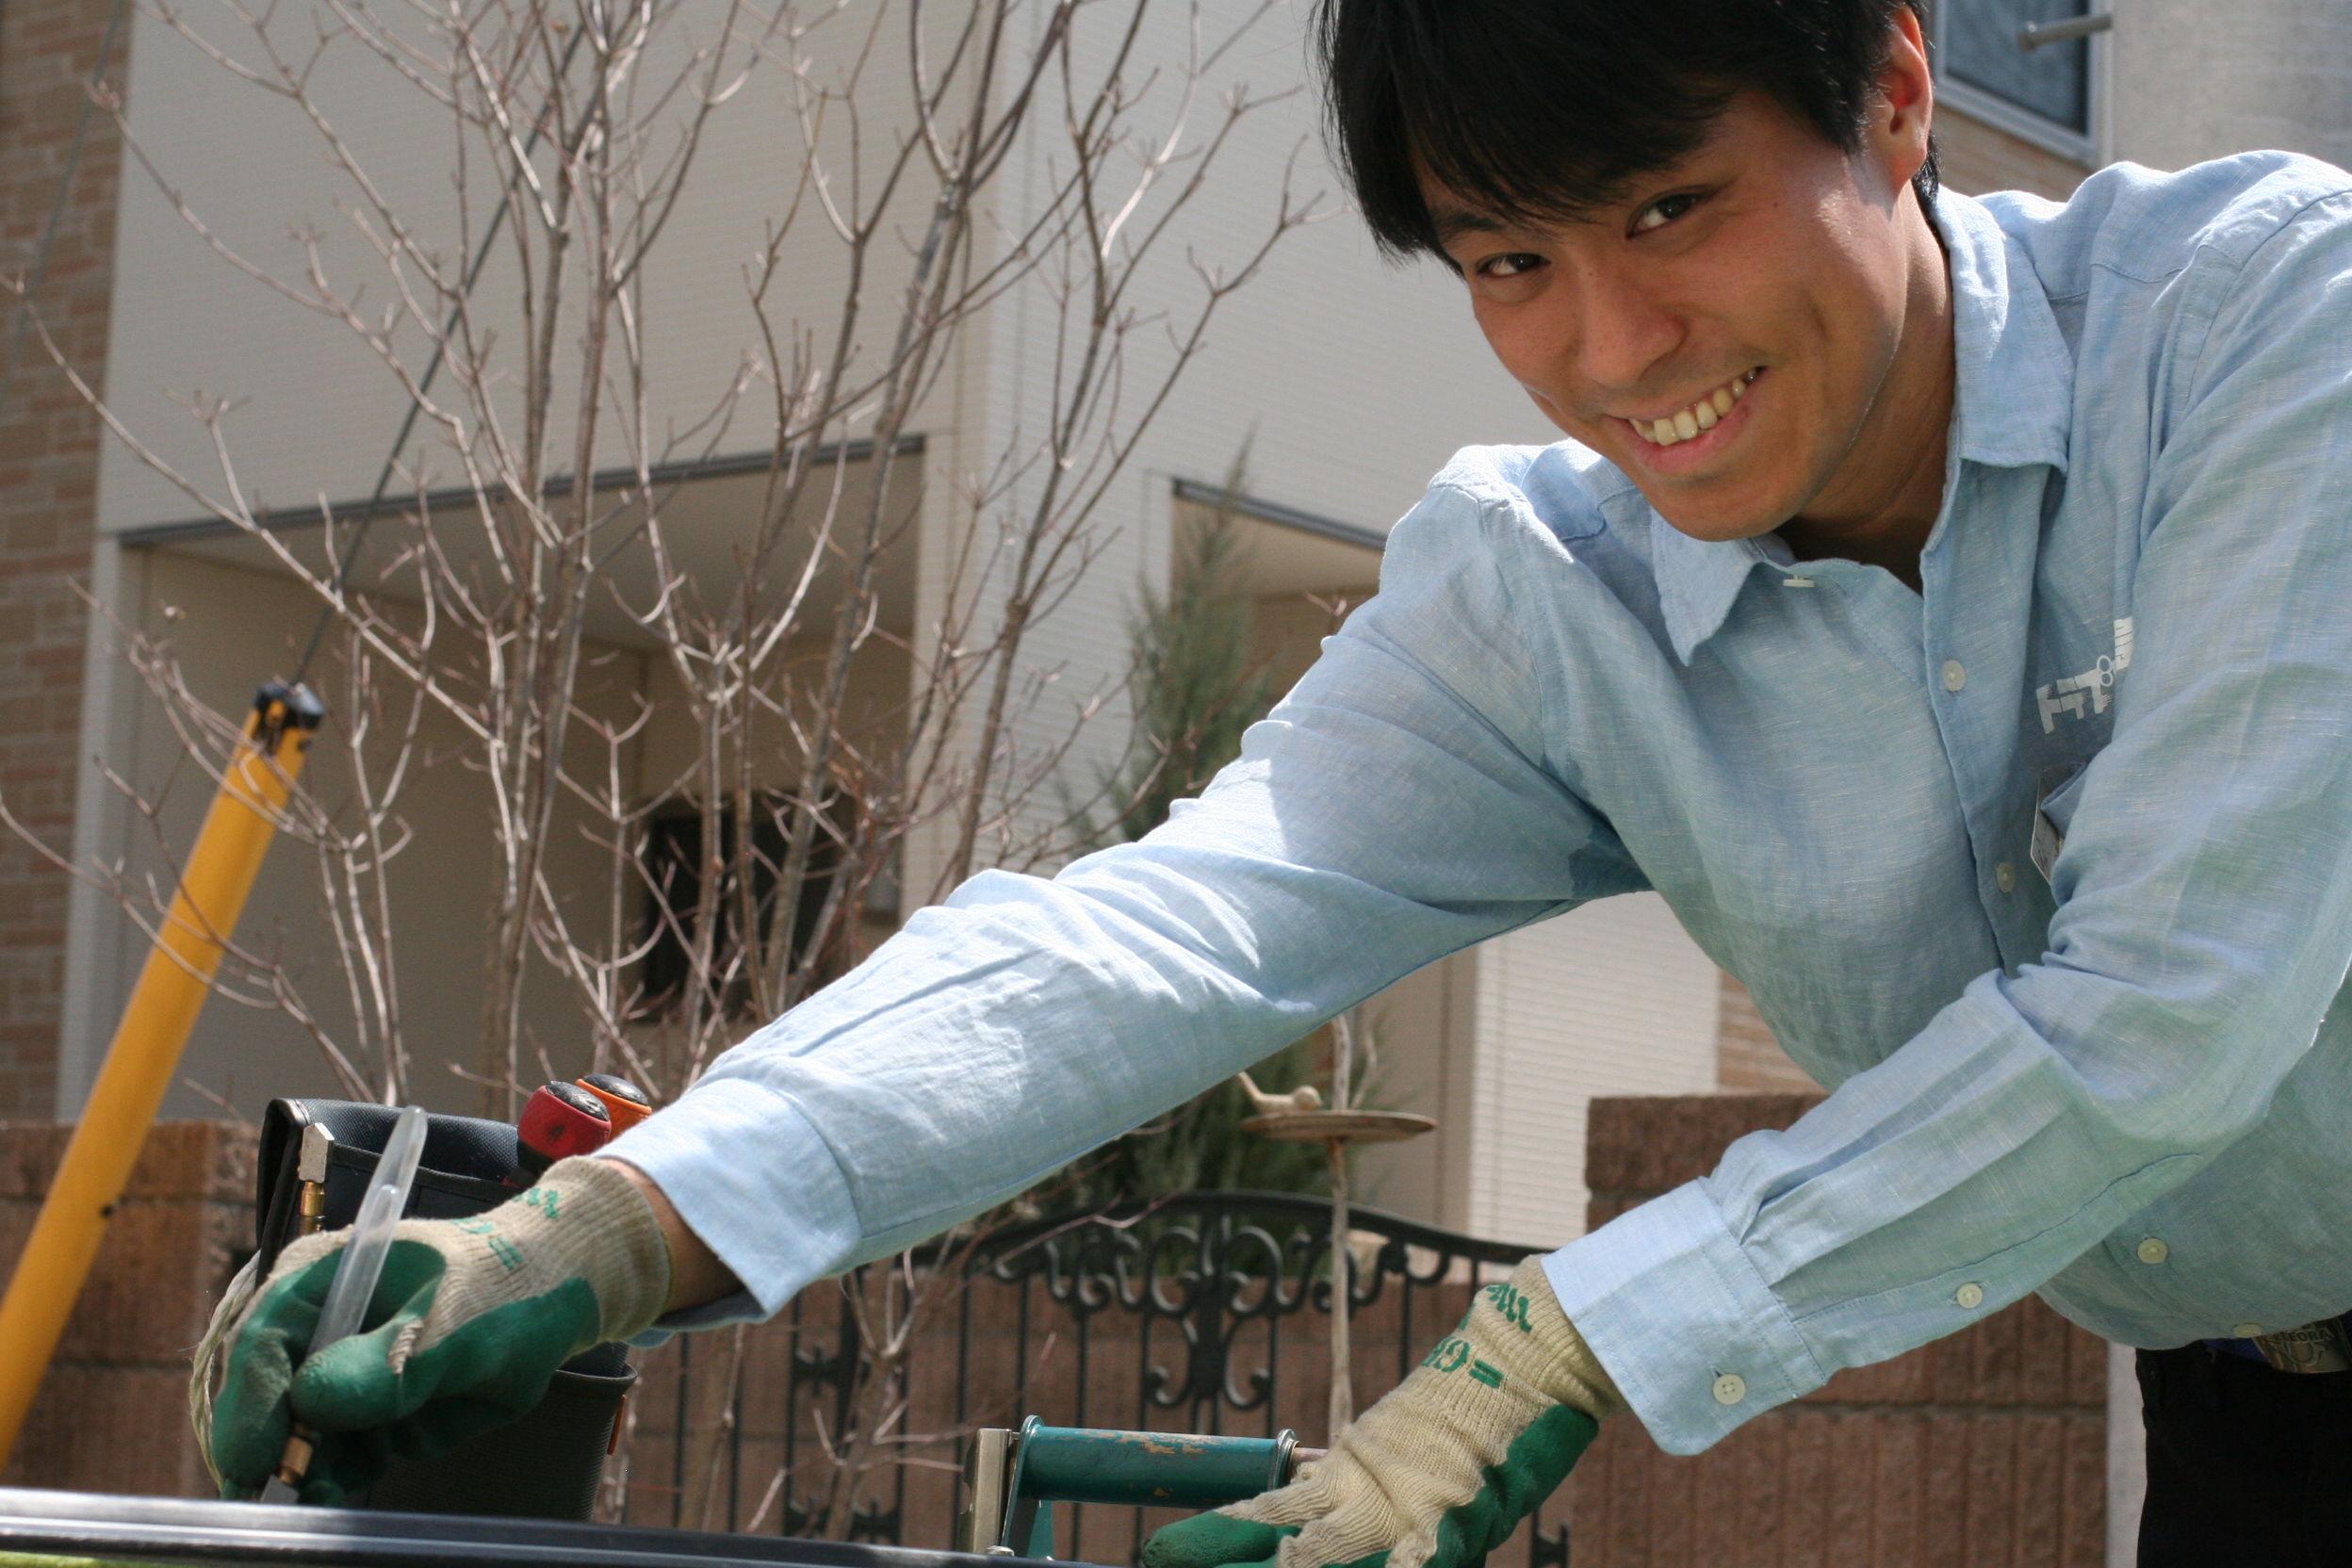 ガラスのトラブル救Q隊.24【姫路市 出張エリア】のメイン画像